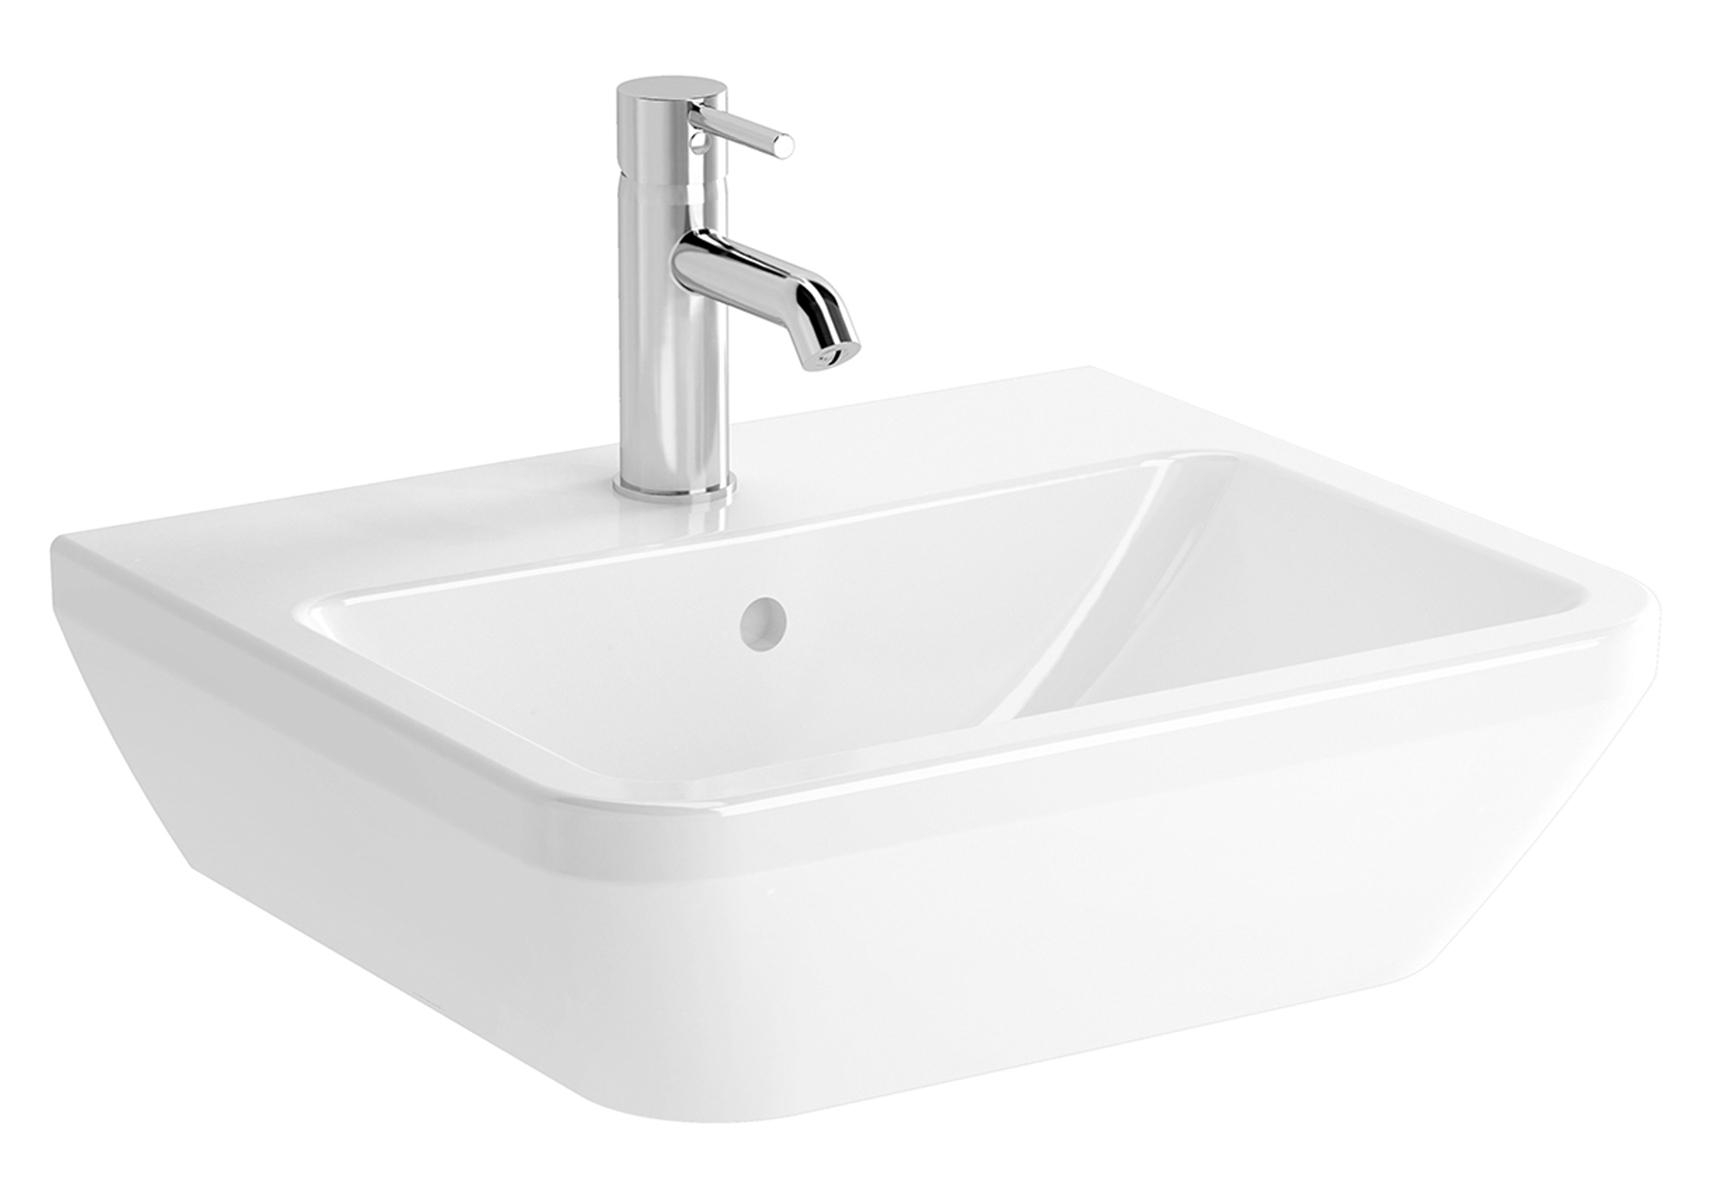 Integra lavabo carré, 50 cm, sans trou de robinet, avec trop-plein